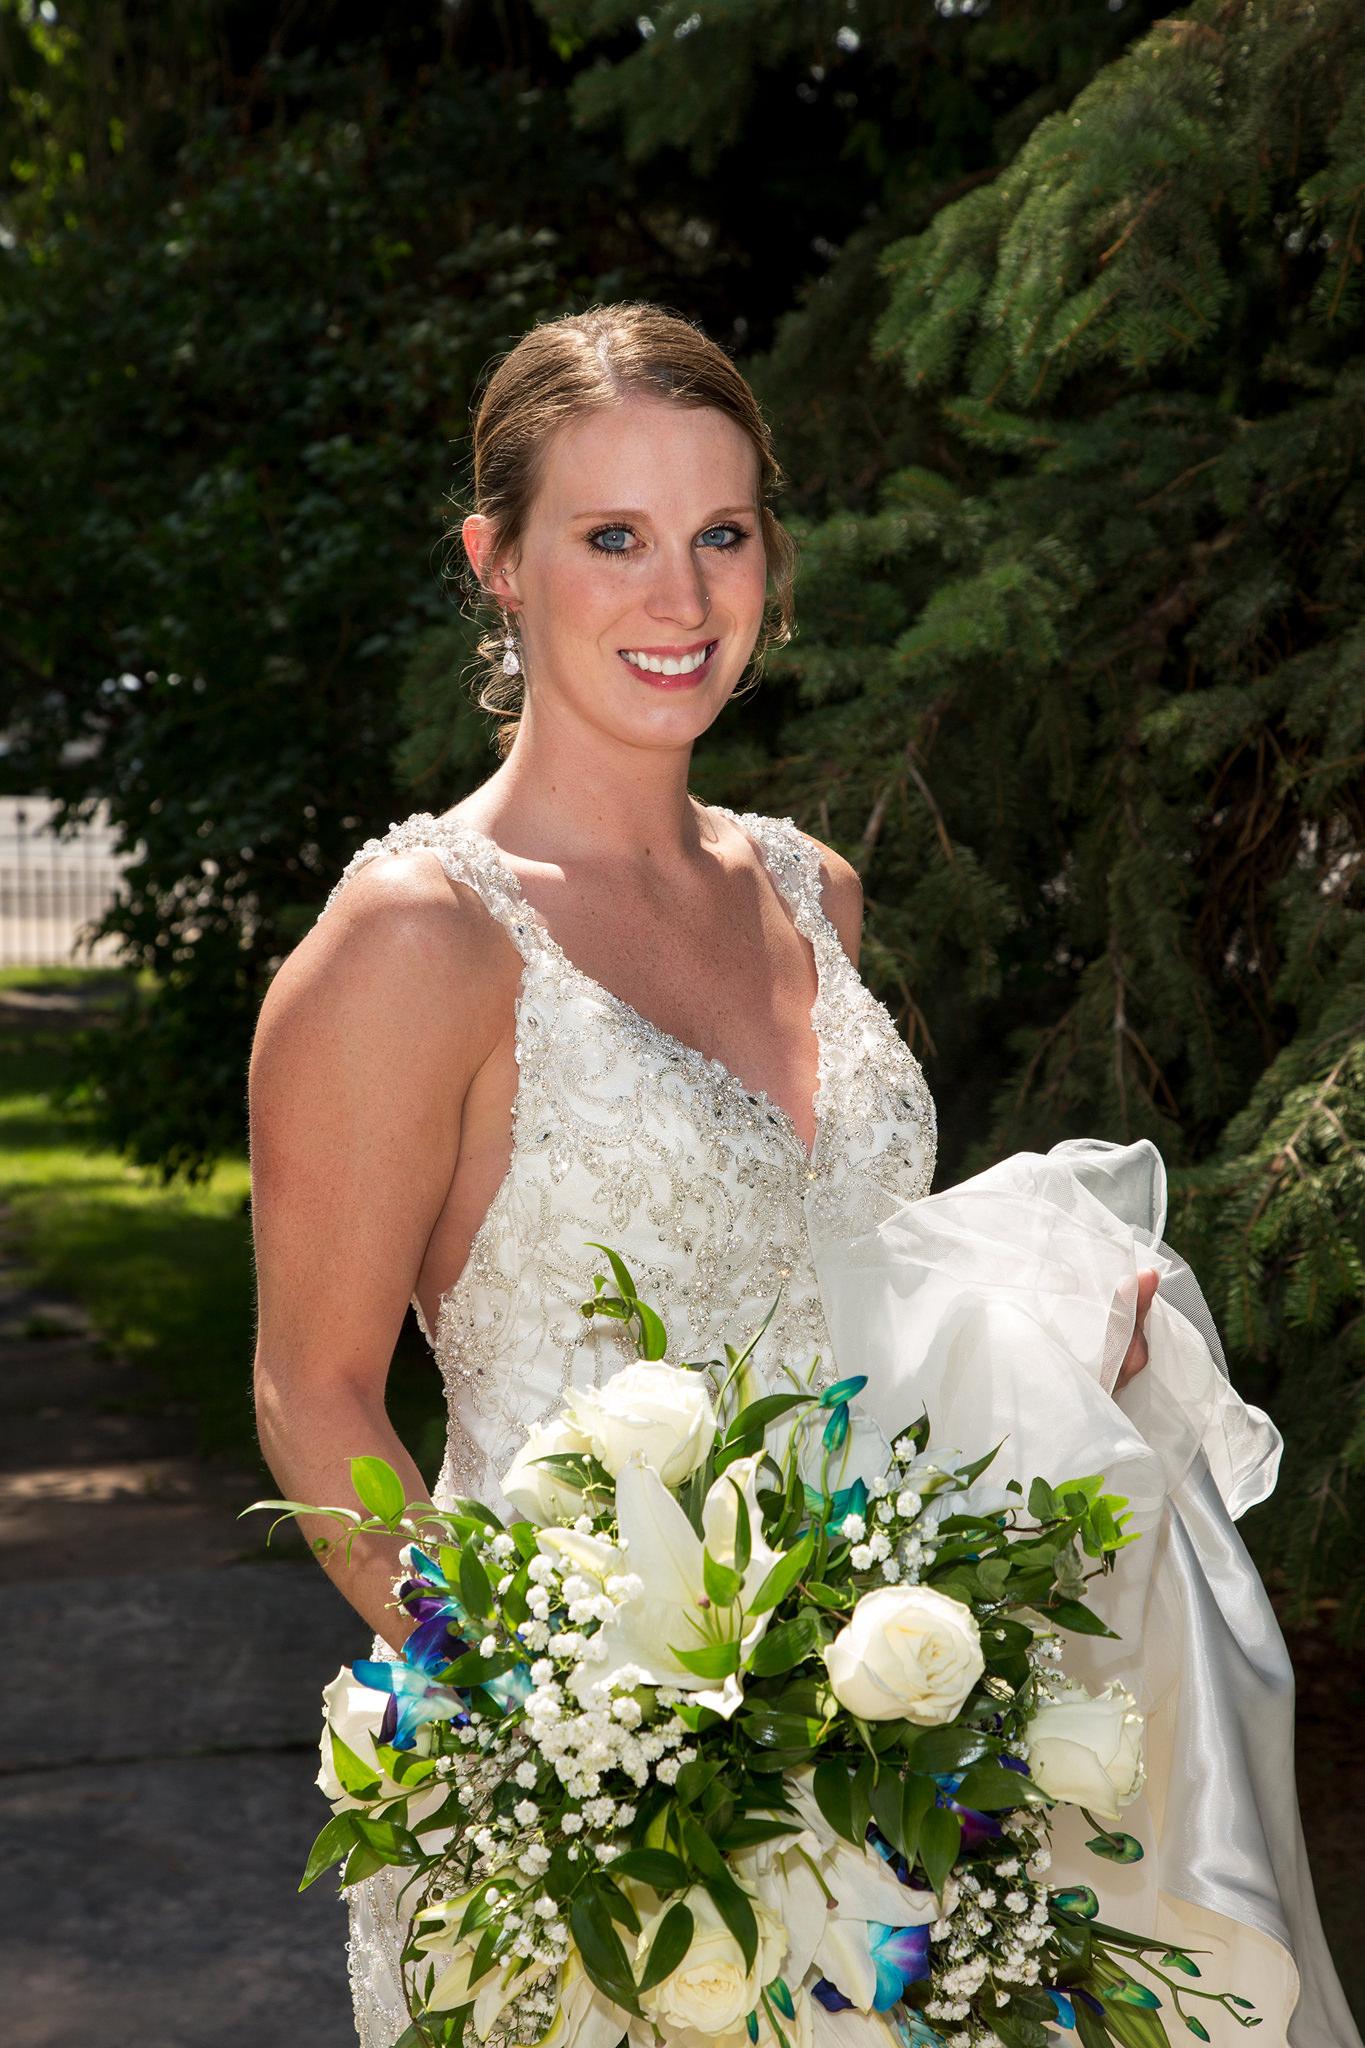 marchese_wedding_062 copy